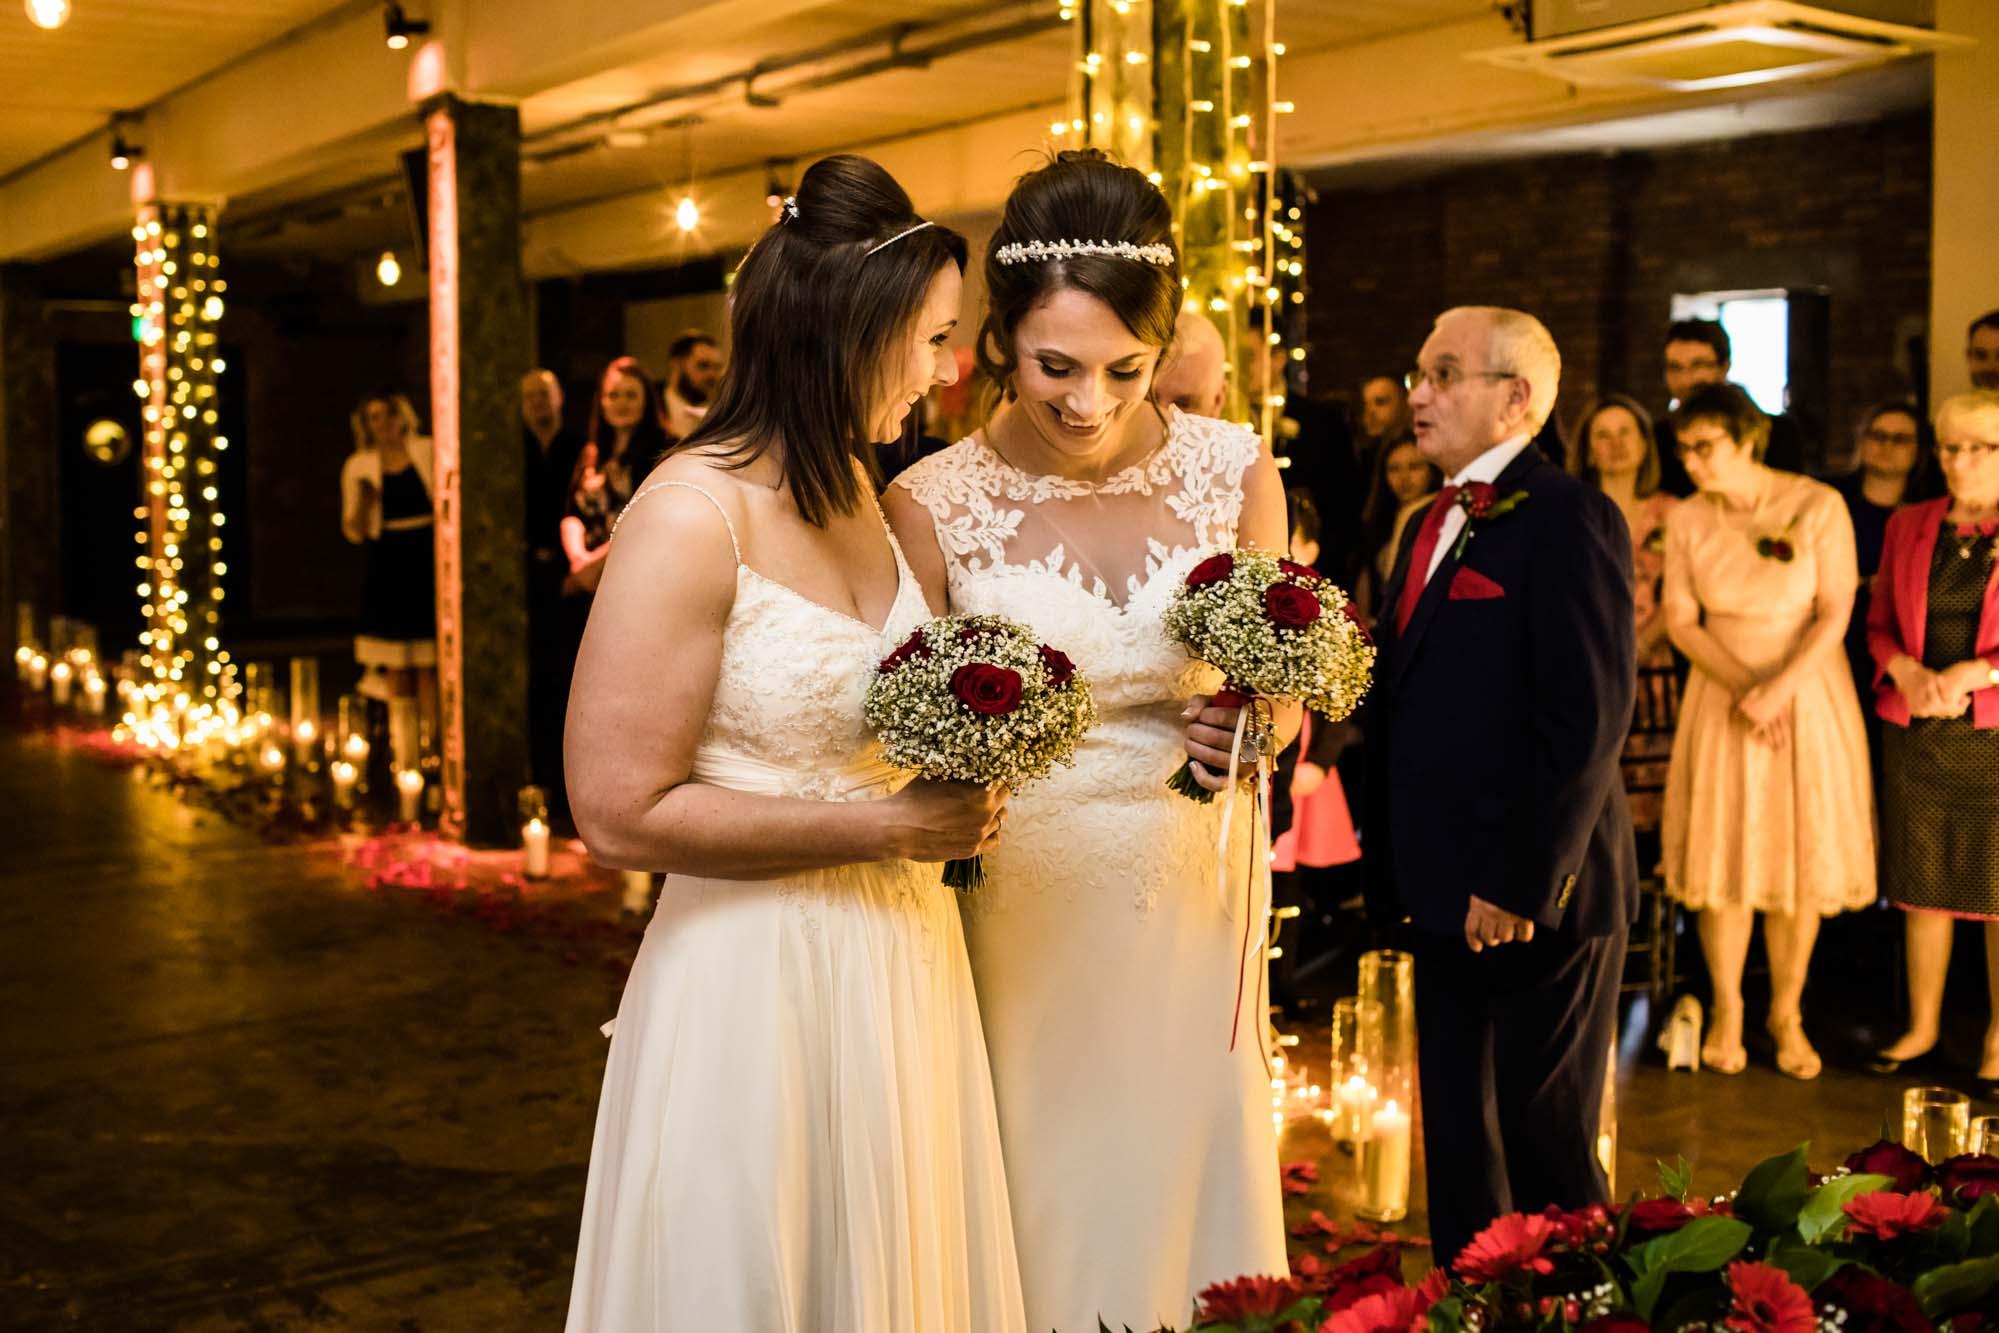 Victoria Warehouse Wedding Ceremony Photos